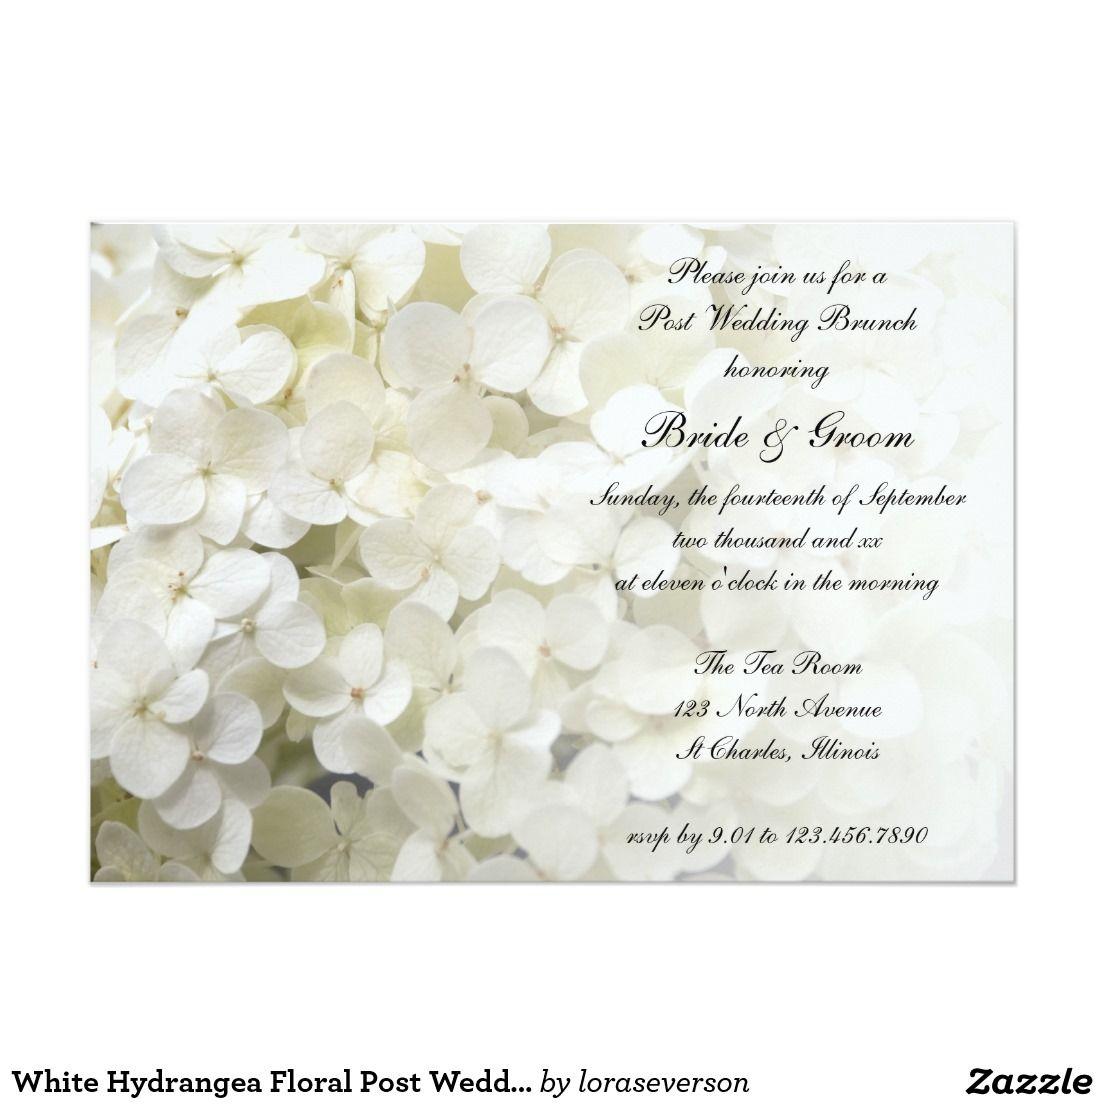 White Hydrangea Floral Post Wedding Brunch Invite | Floral Wedding ...